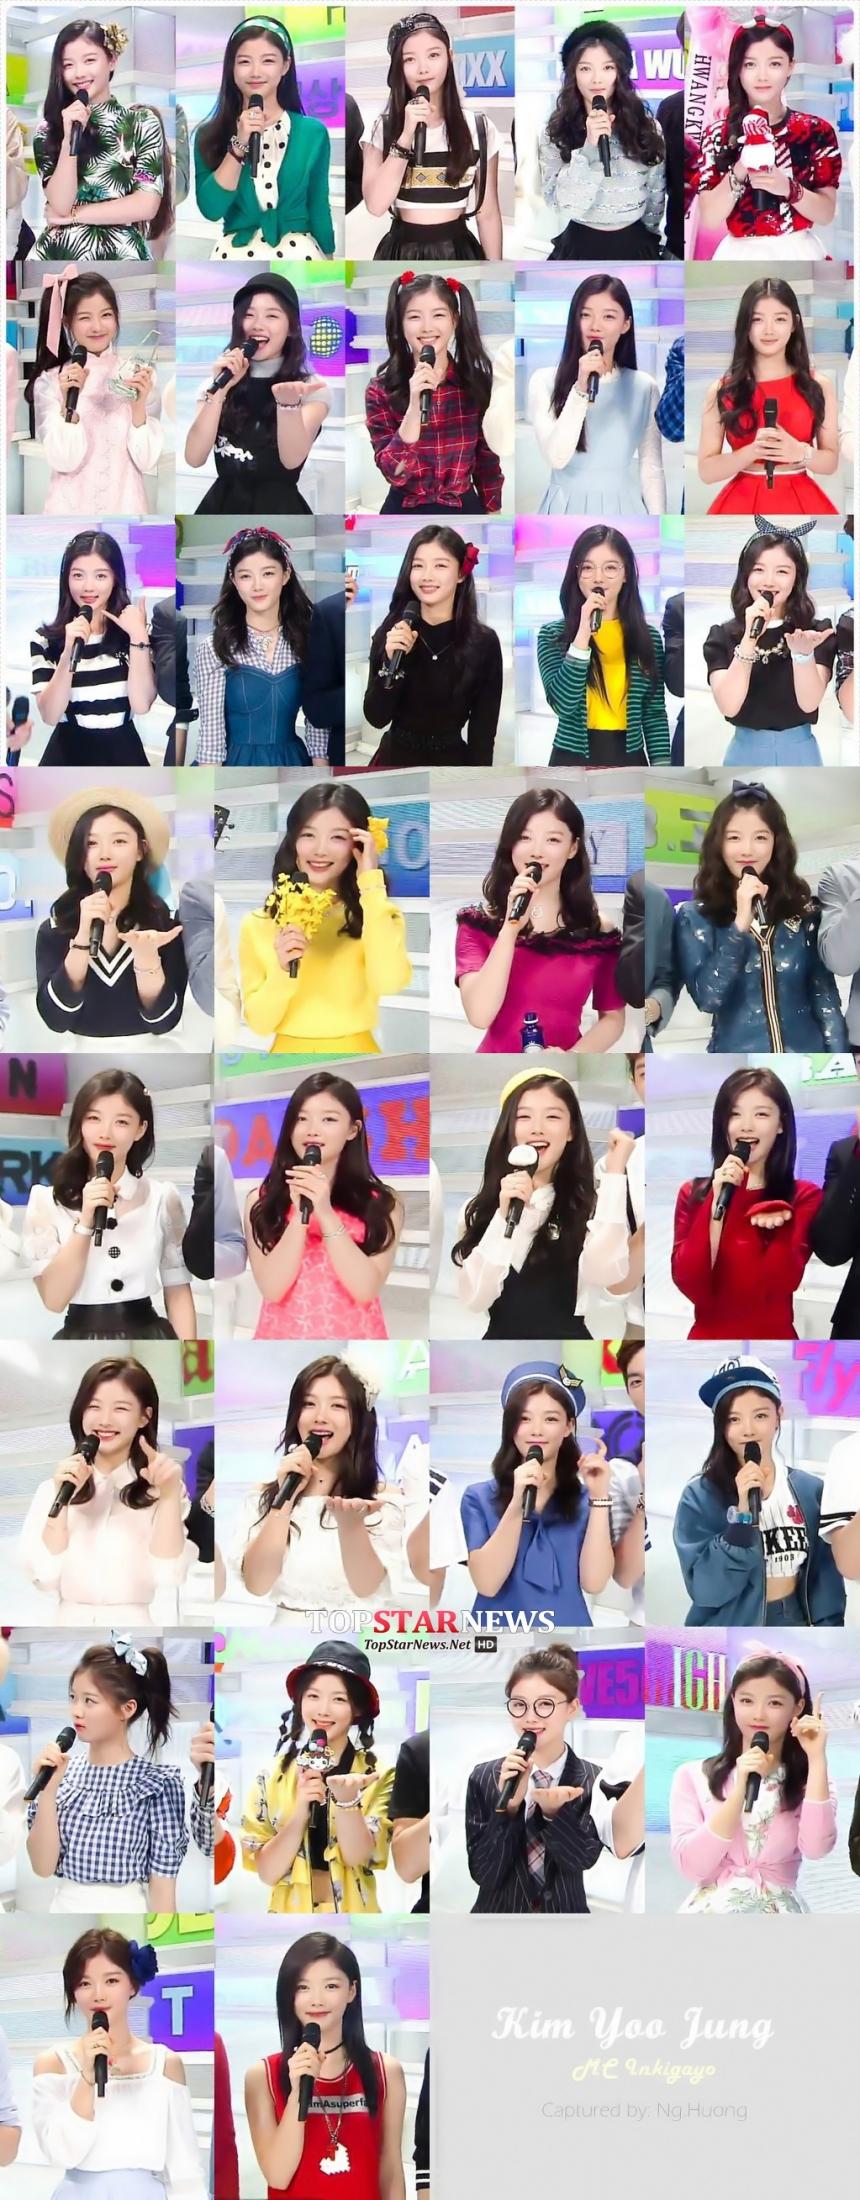 那就是最近擔任音樂節目SBS《人氣歌謠》主持人的金裕貞!!